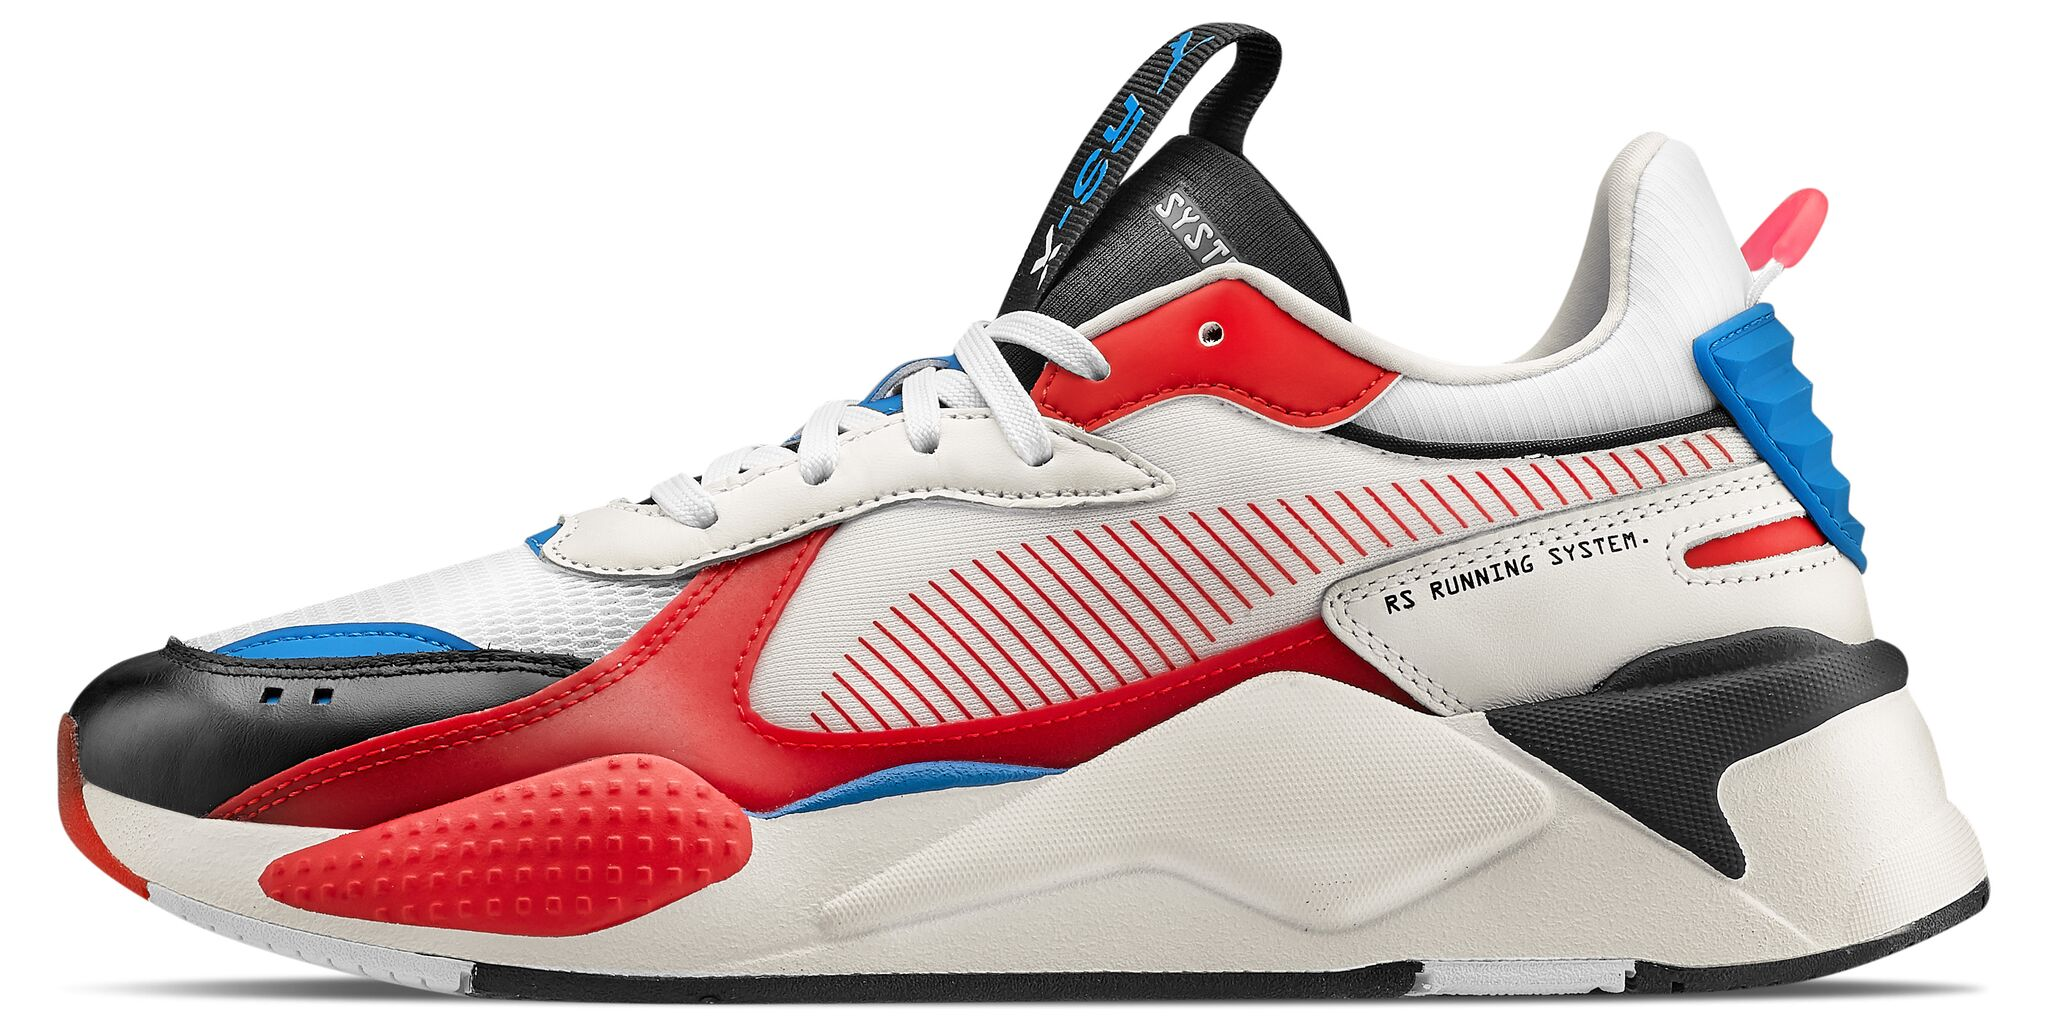 moda di vendita caldo nuovo stile di acquisto speciale Le sneaker Uomo più cool per l'estate 2019 di adidas, Nike e Puma ...